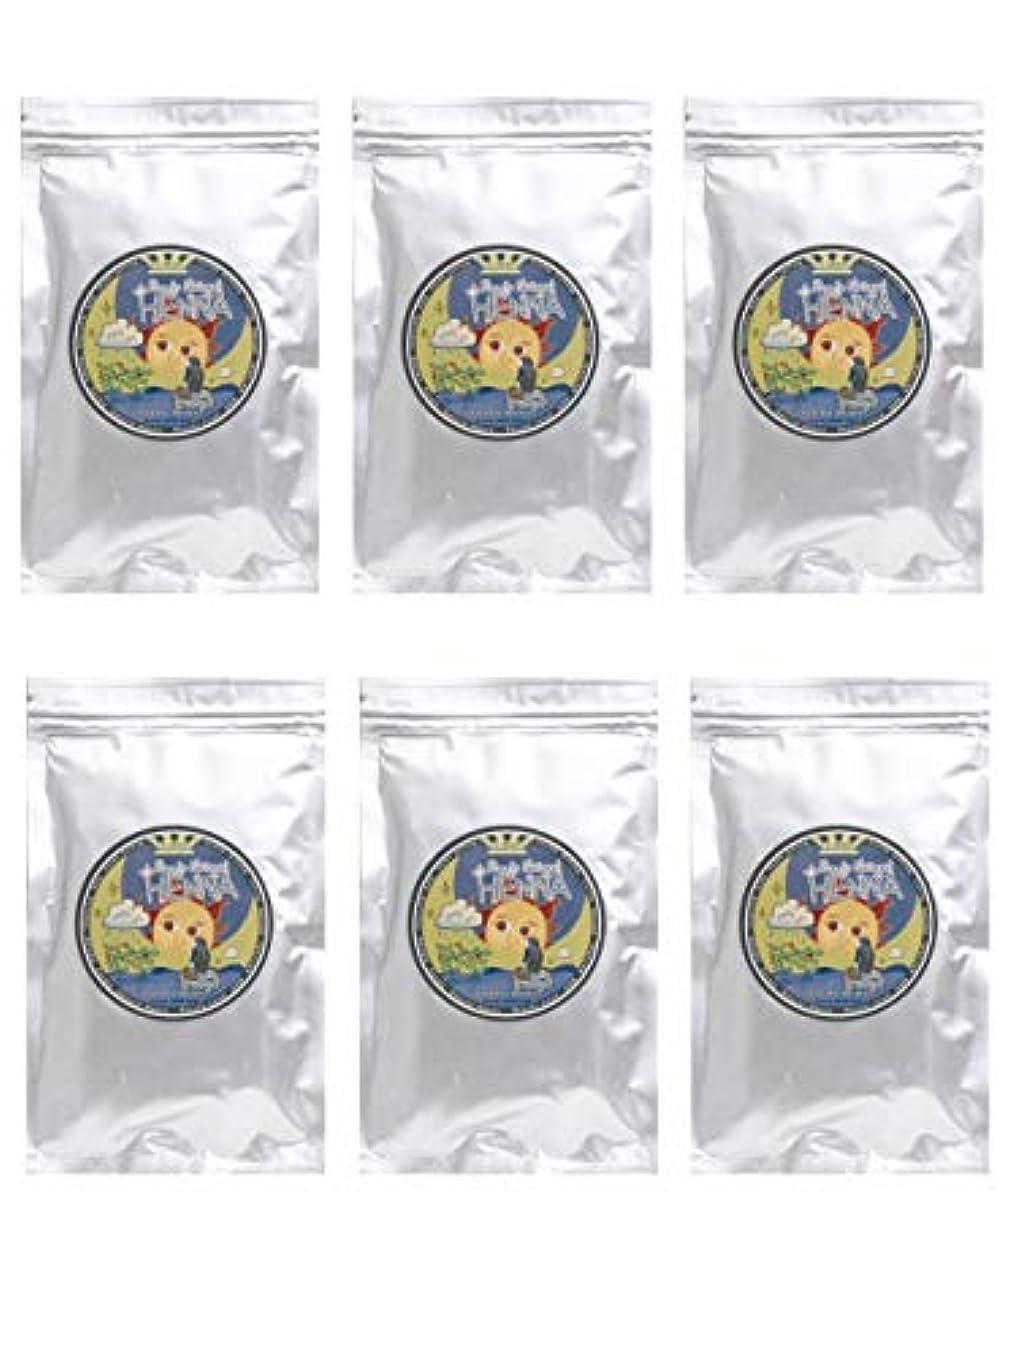 舗装する悲しむ浸透するラムーンヘナ 100g×6袋セット (ナチュラルブラウン)【6袋】)